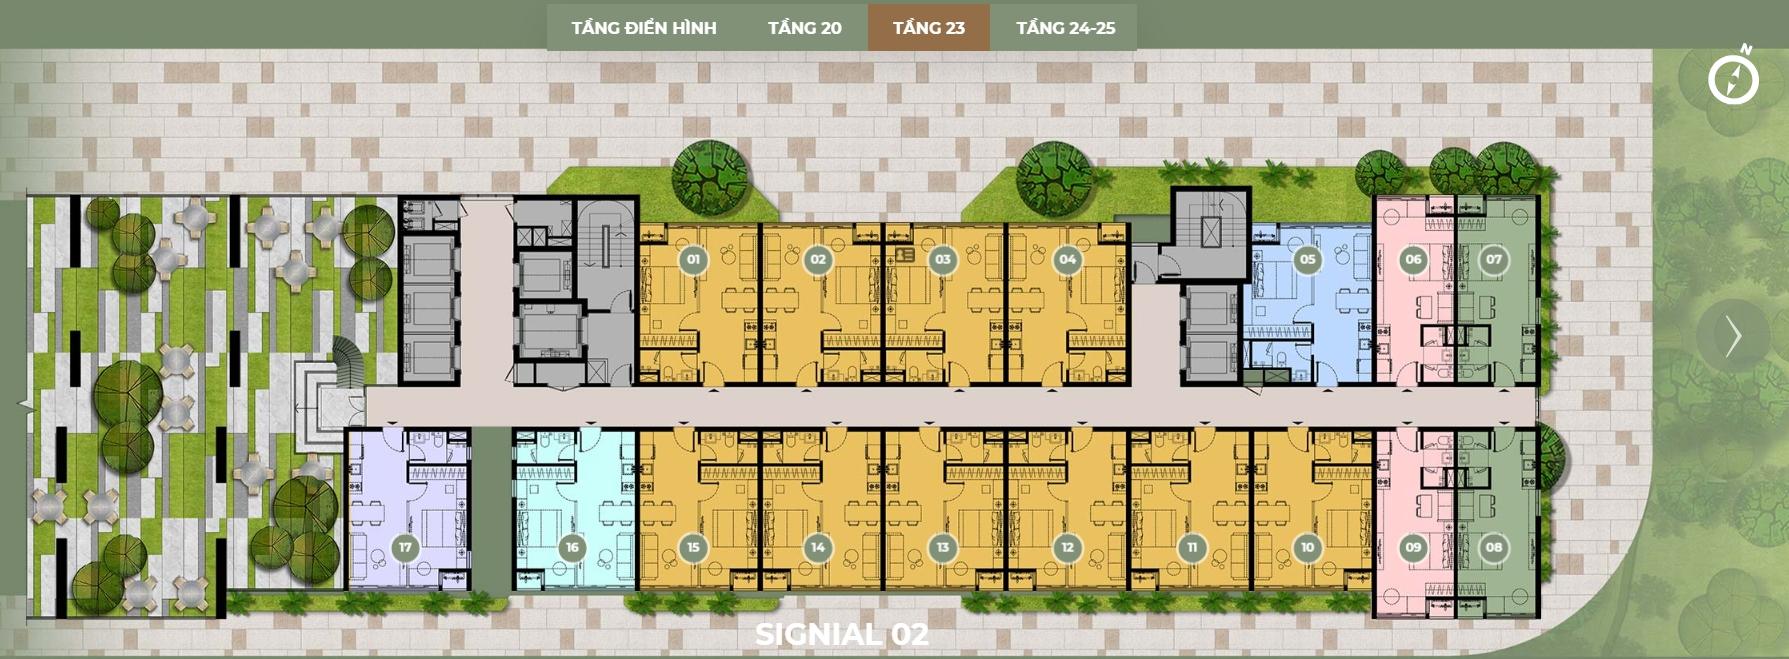 Mặt bằng thiết kế S2 tầng 23 dự án Smartel Signial quận 7.Mặt bằng thiết kế S2 tầng 23 dự án Smartel Signial quận 7.